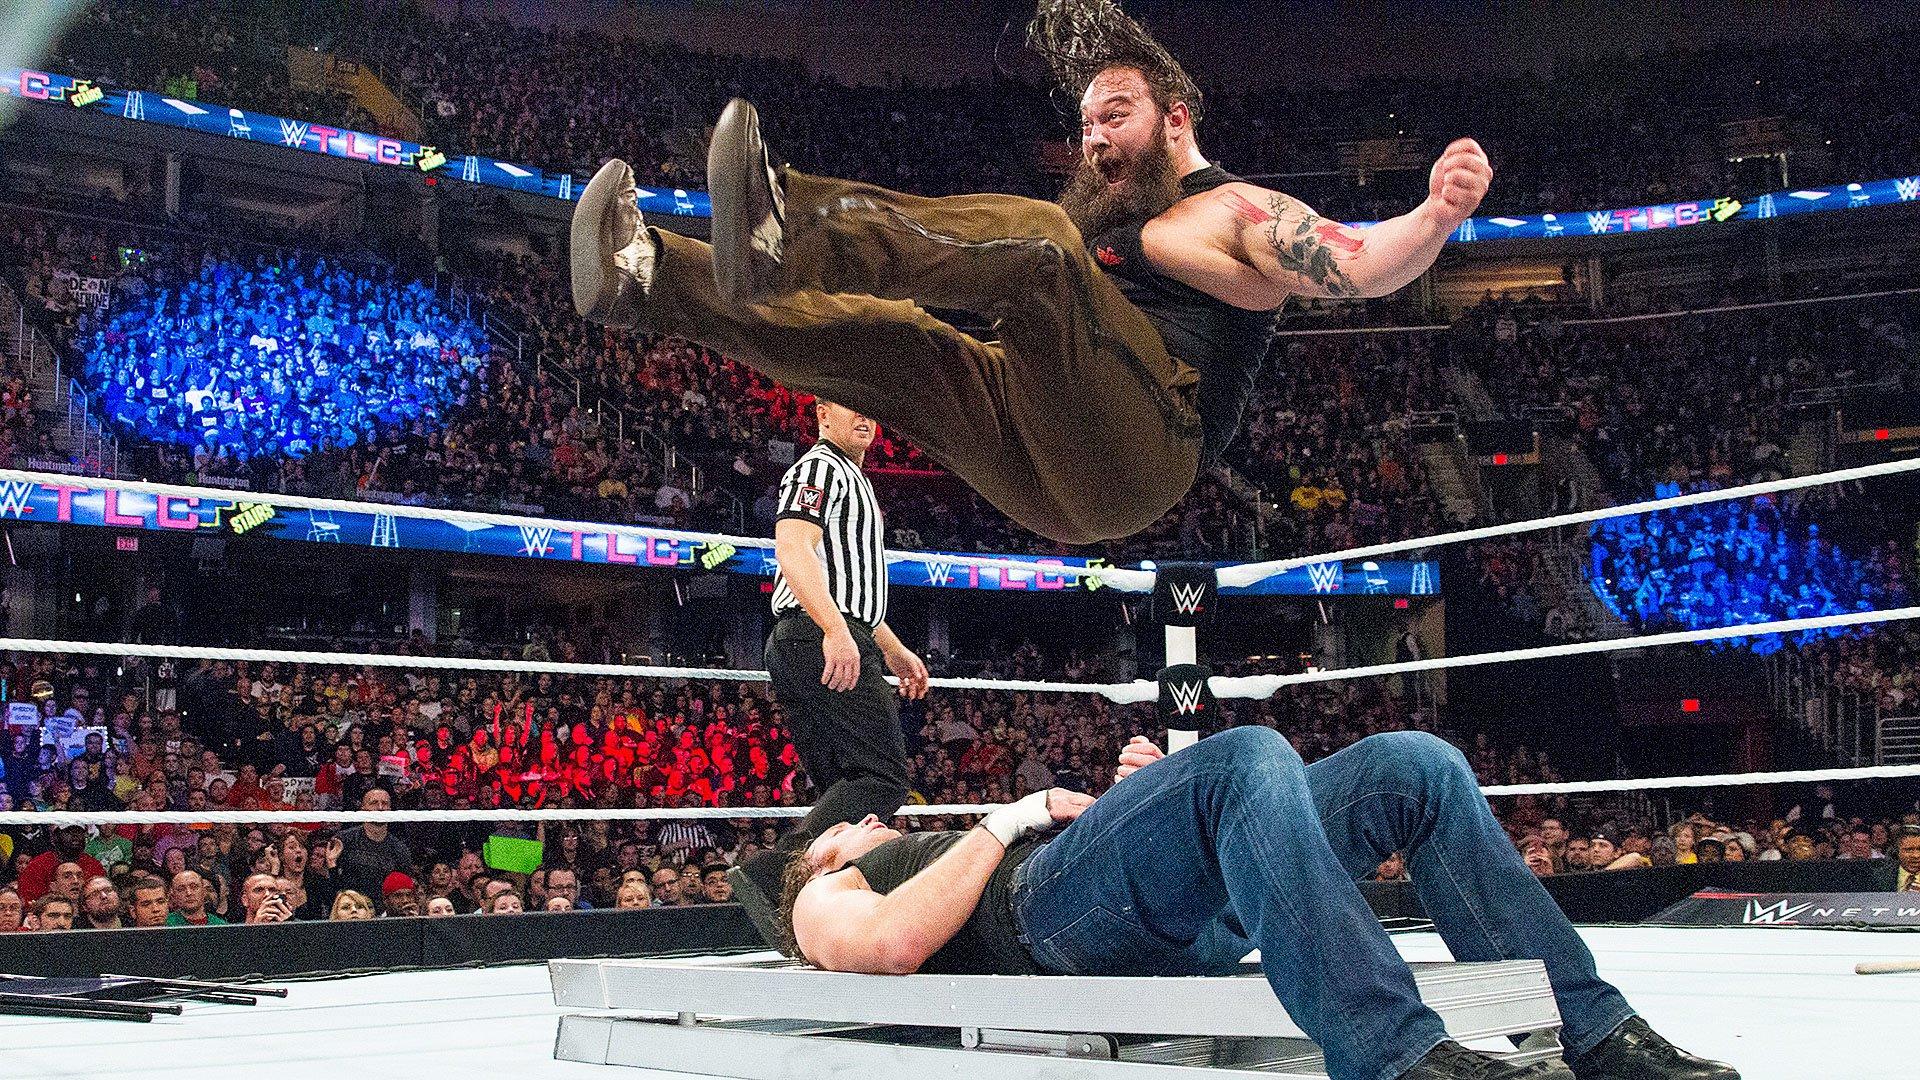 17 sentons qui ont écrasé des adversaires: WWE Fury, 20 mars 2016